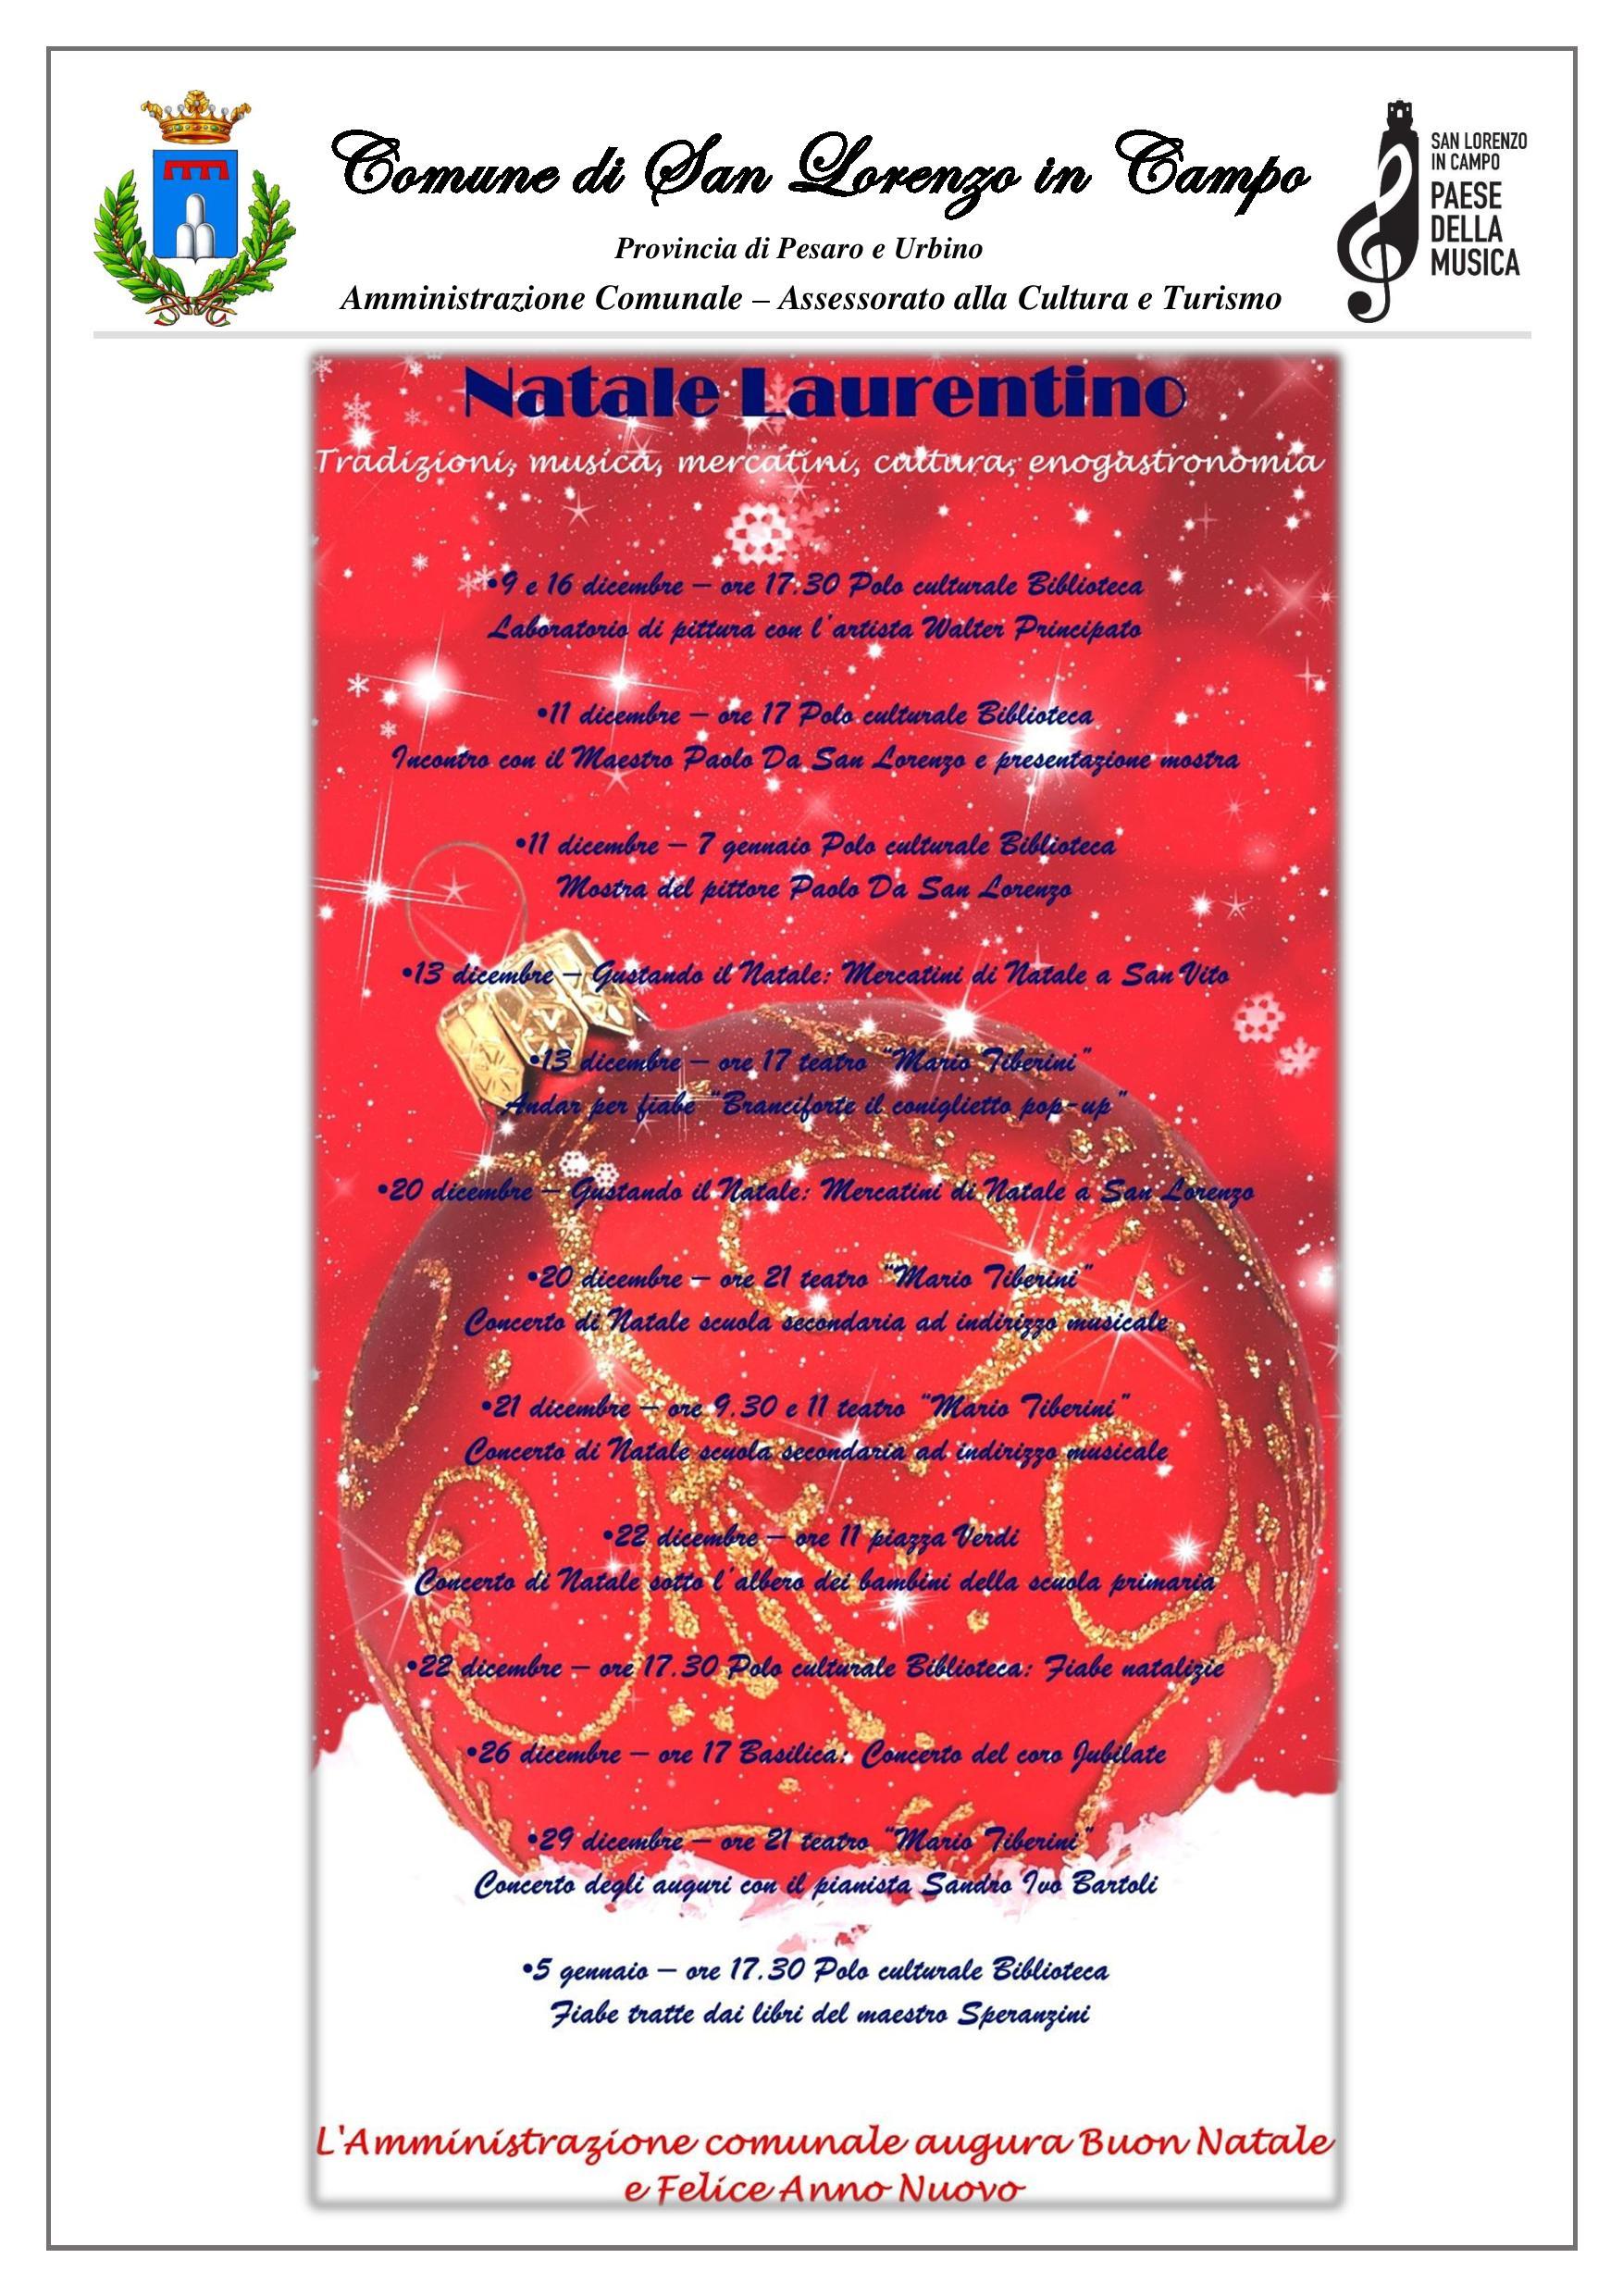 Manifesto_Natale 2015 San Lorenzo in Campo_Eventi-page-001